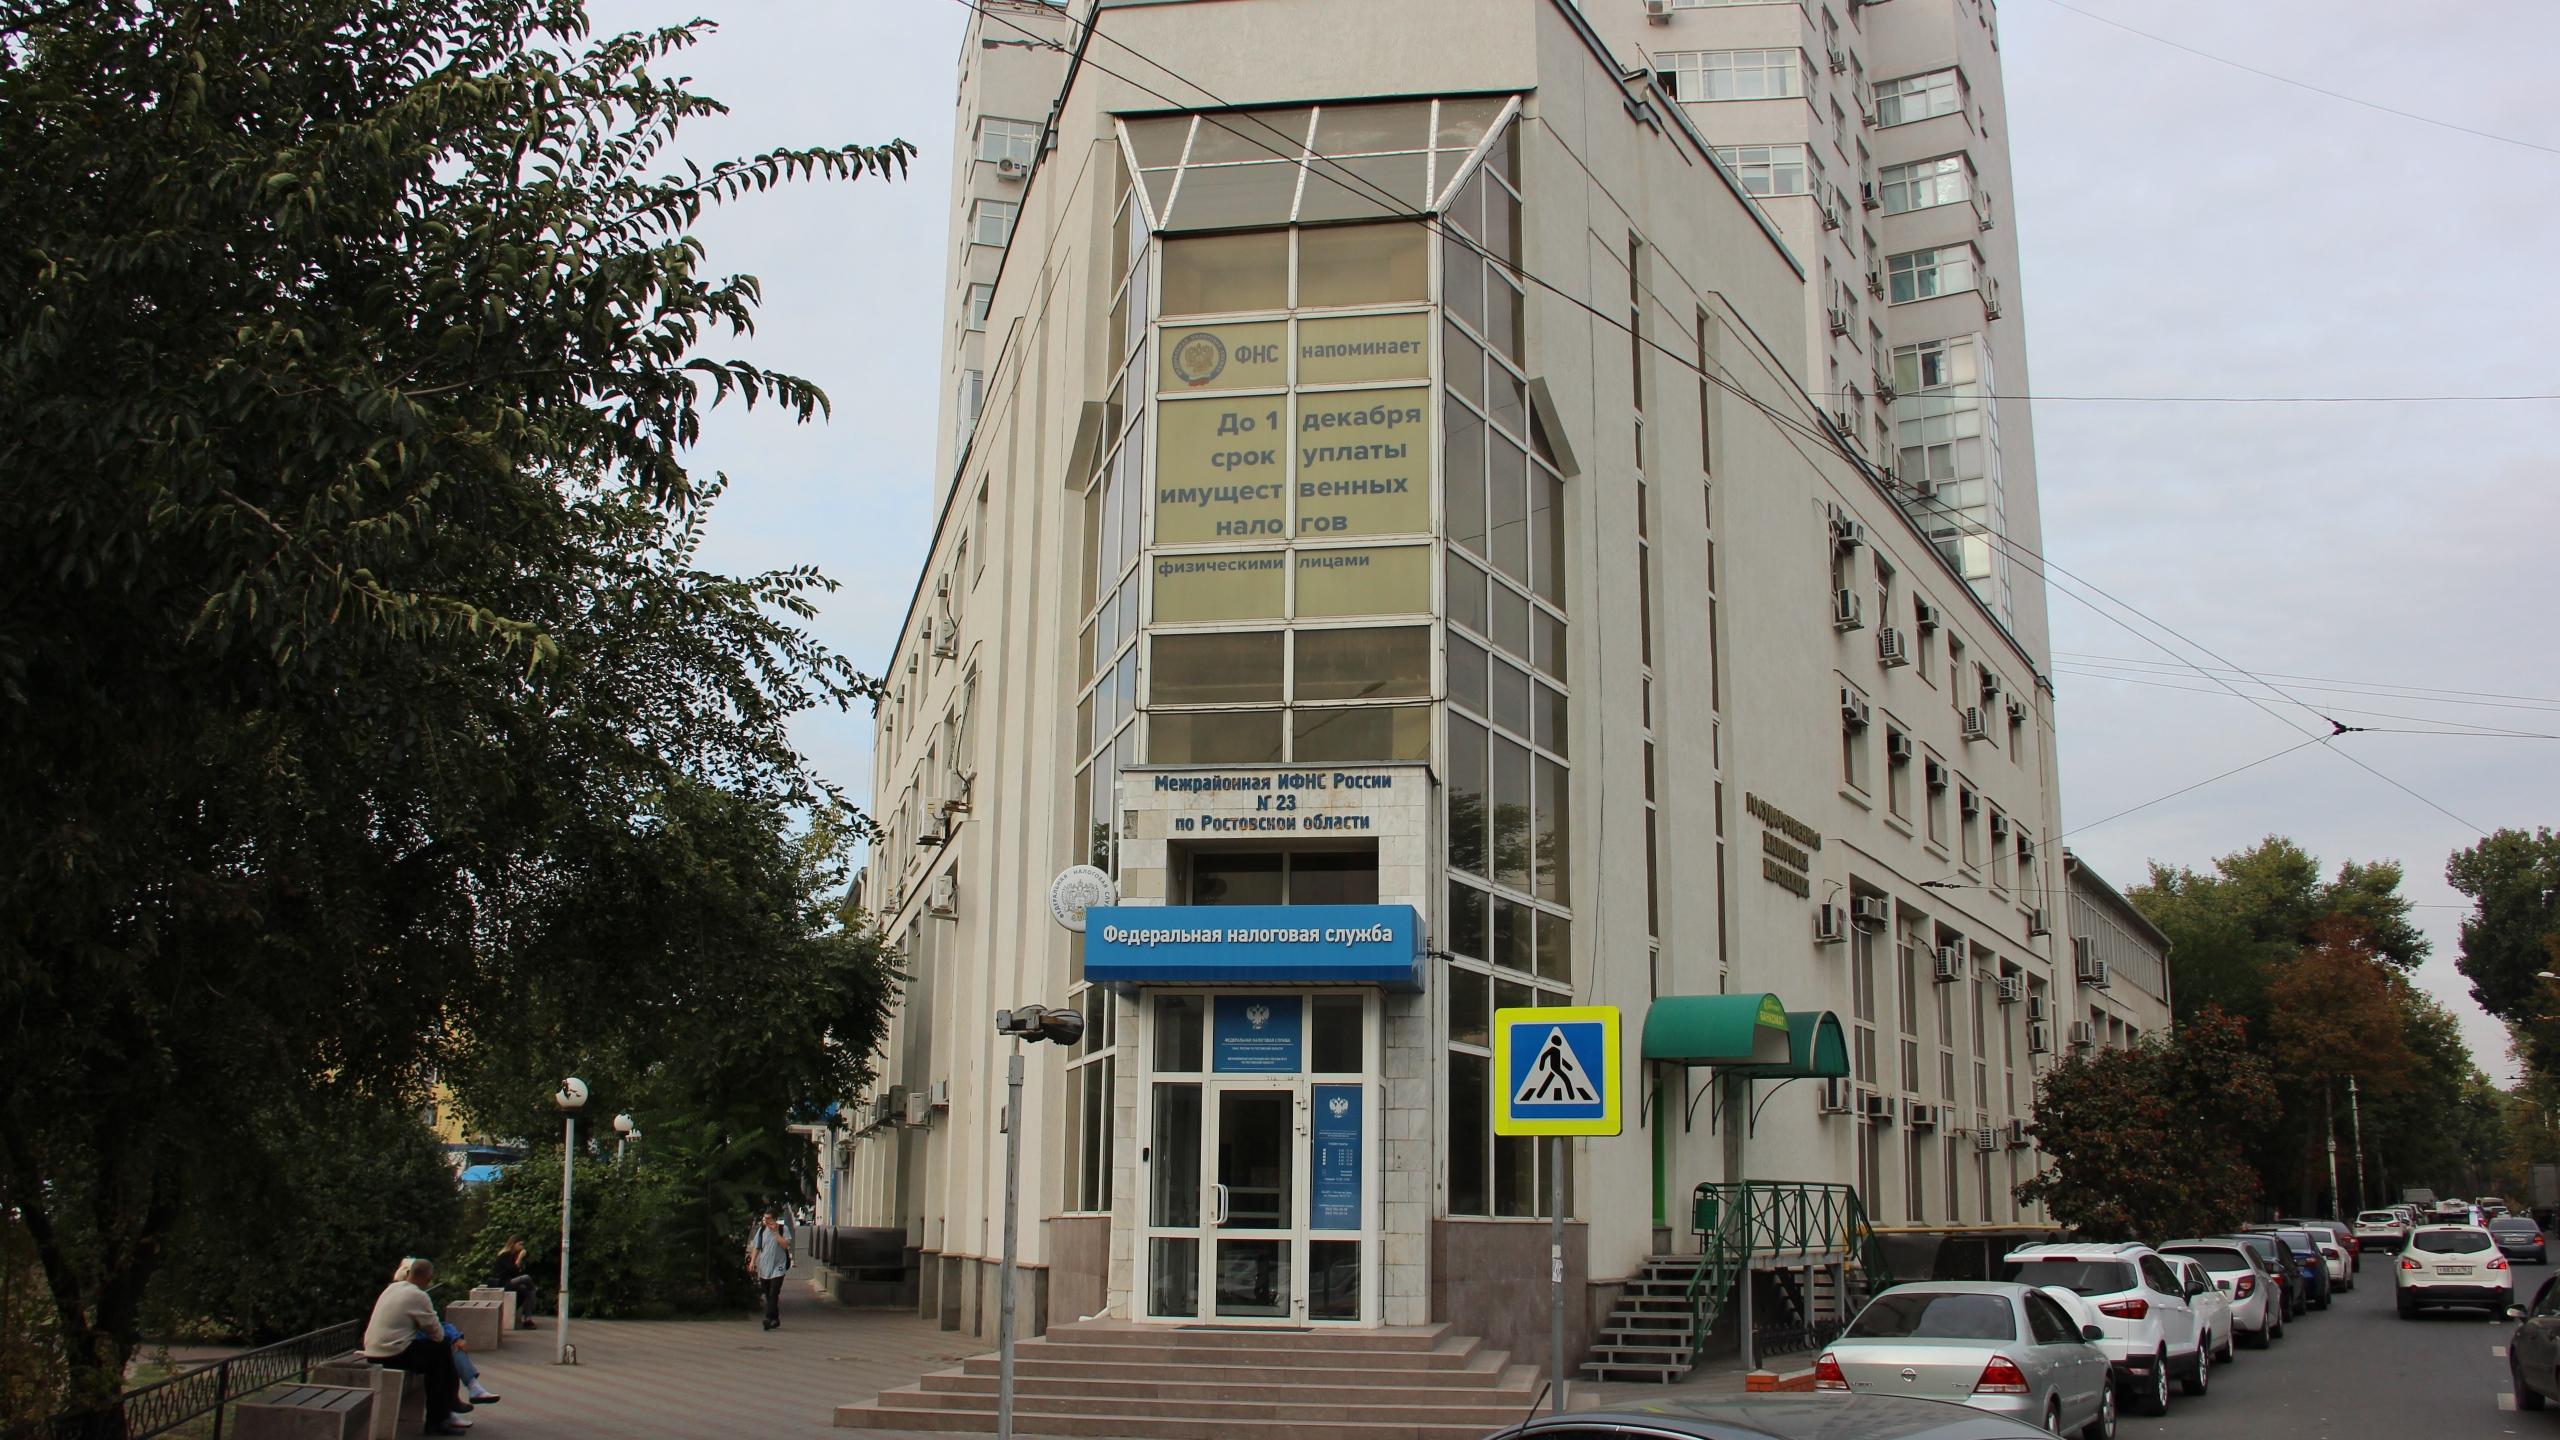 Налоговая инспекция ворошиловского района ростова на дону официальный сайт